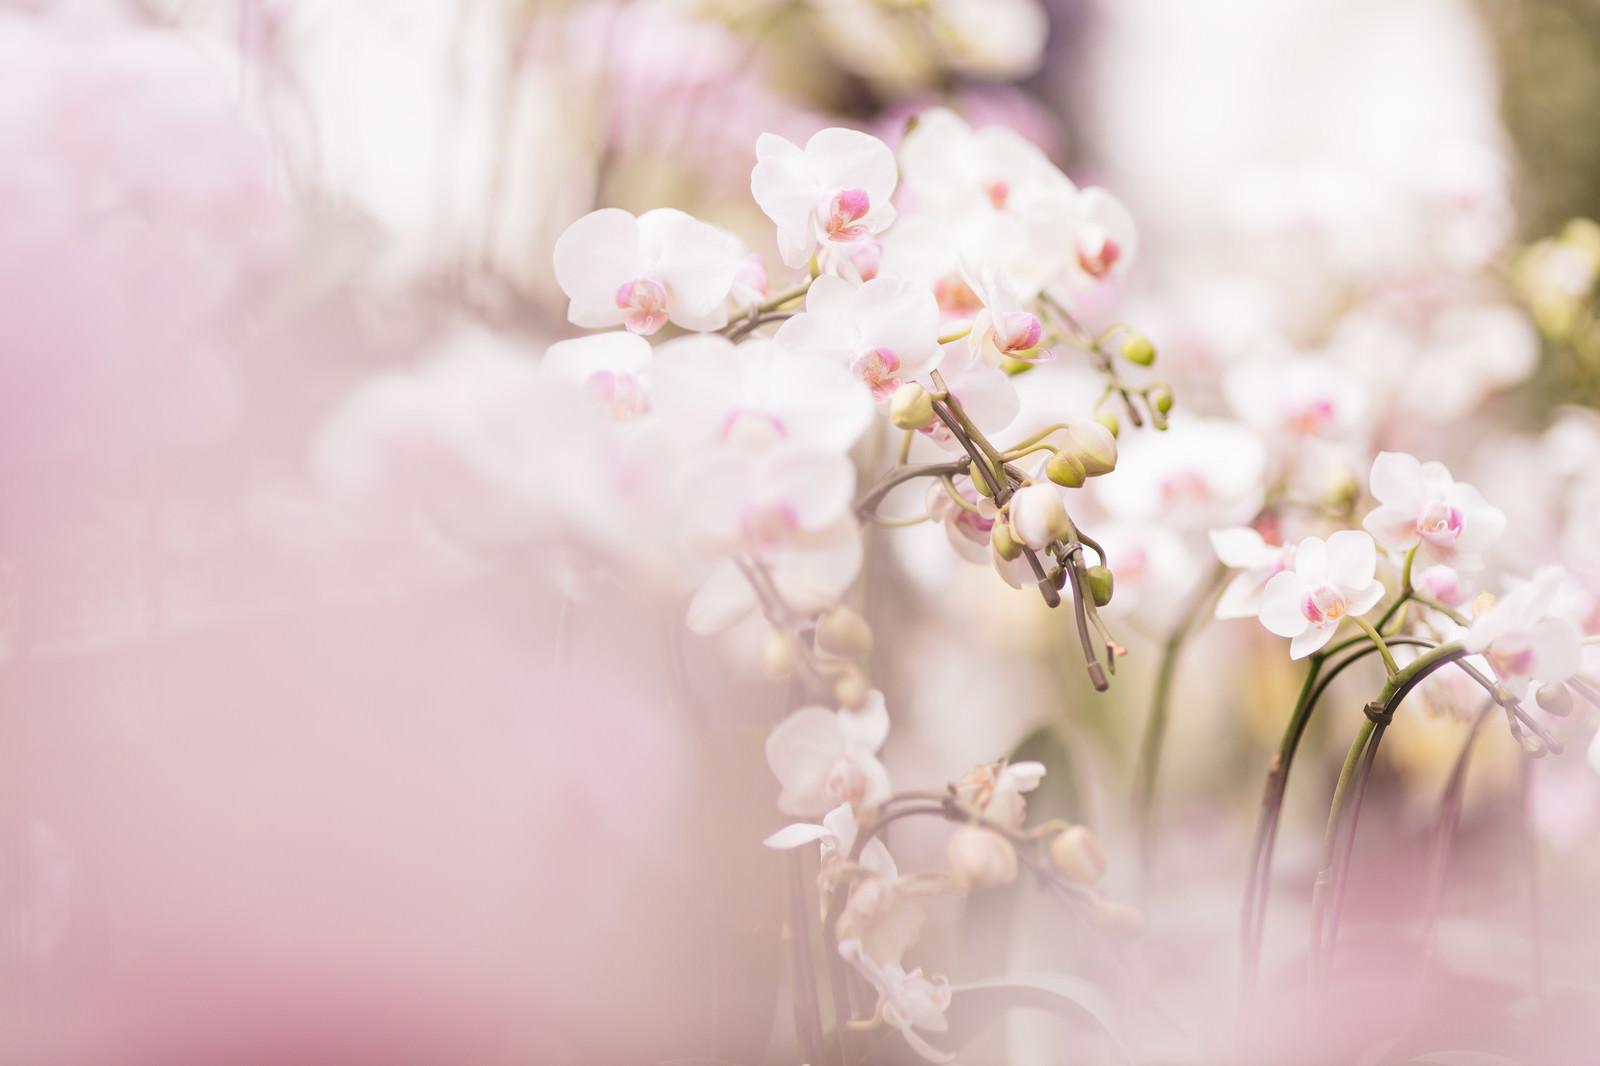 赏樱花是全日本国民的一大活动你也不要错过